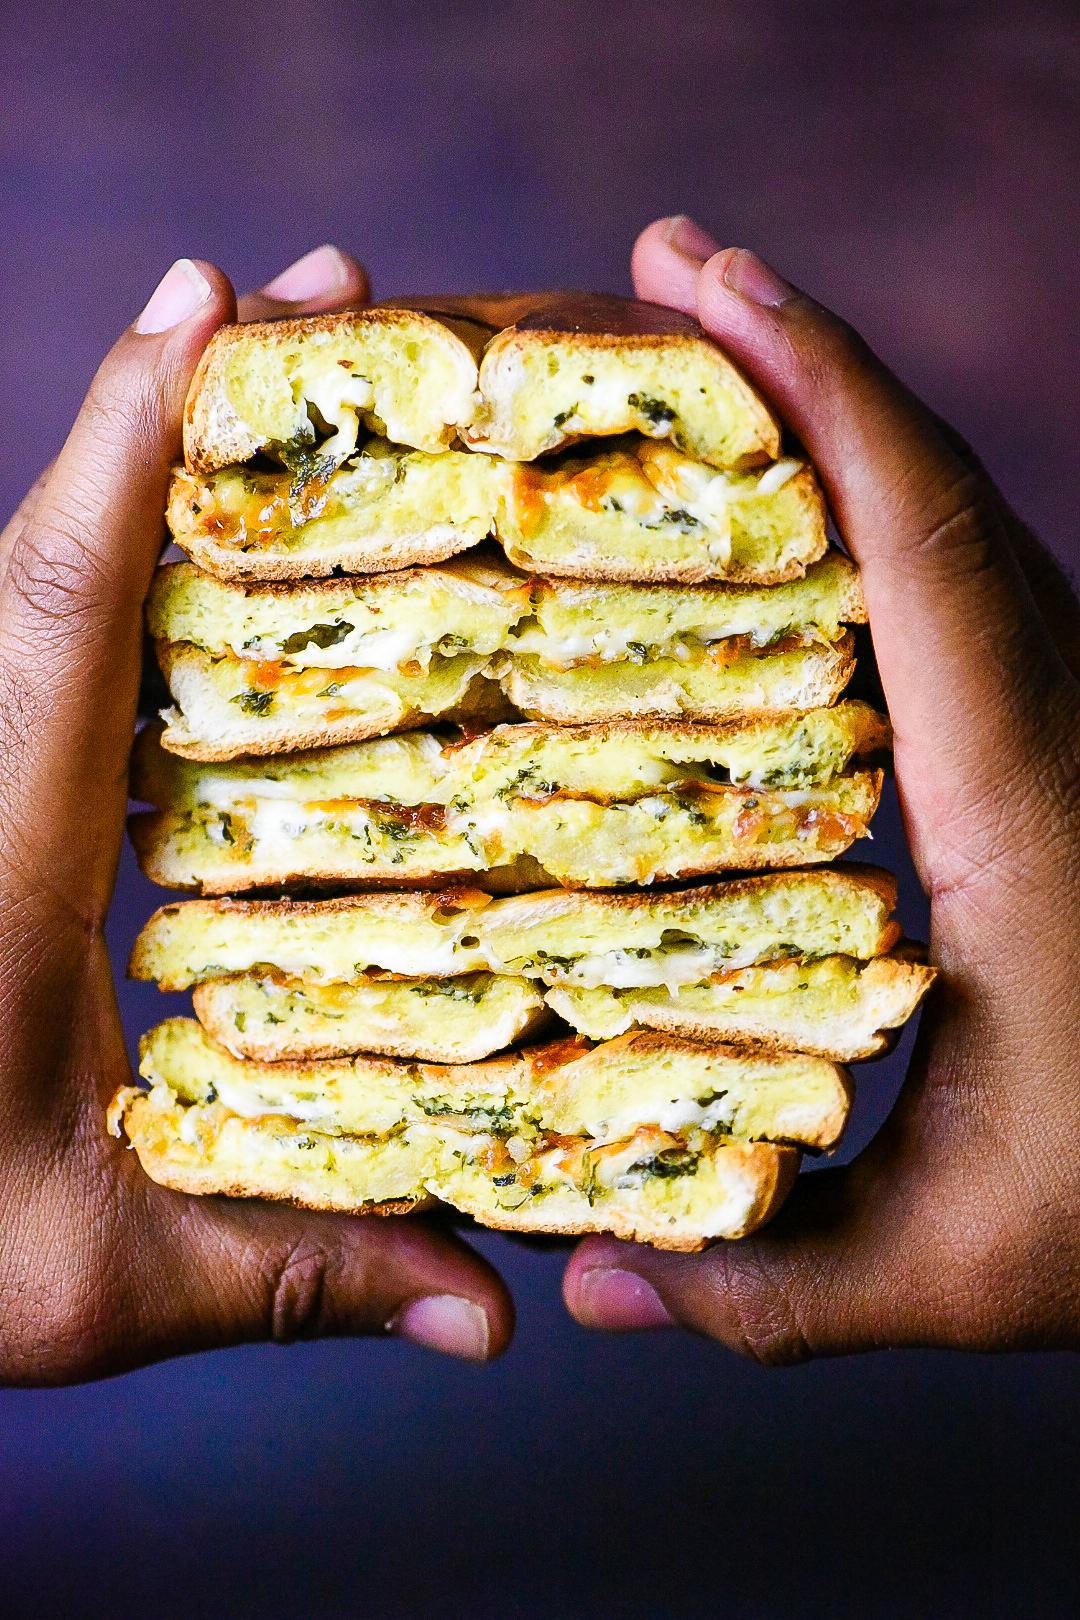 Stuffed Bagel Breakfast Sandwich